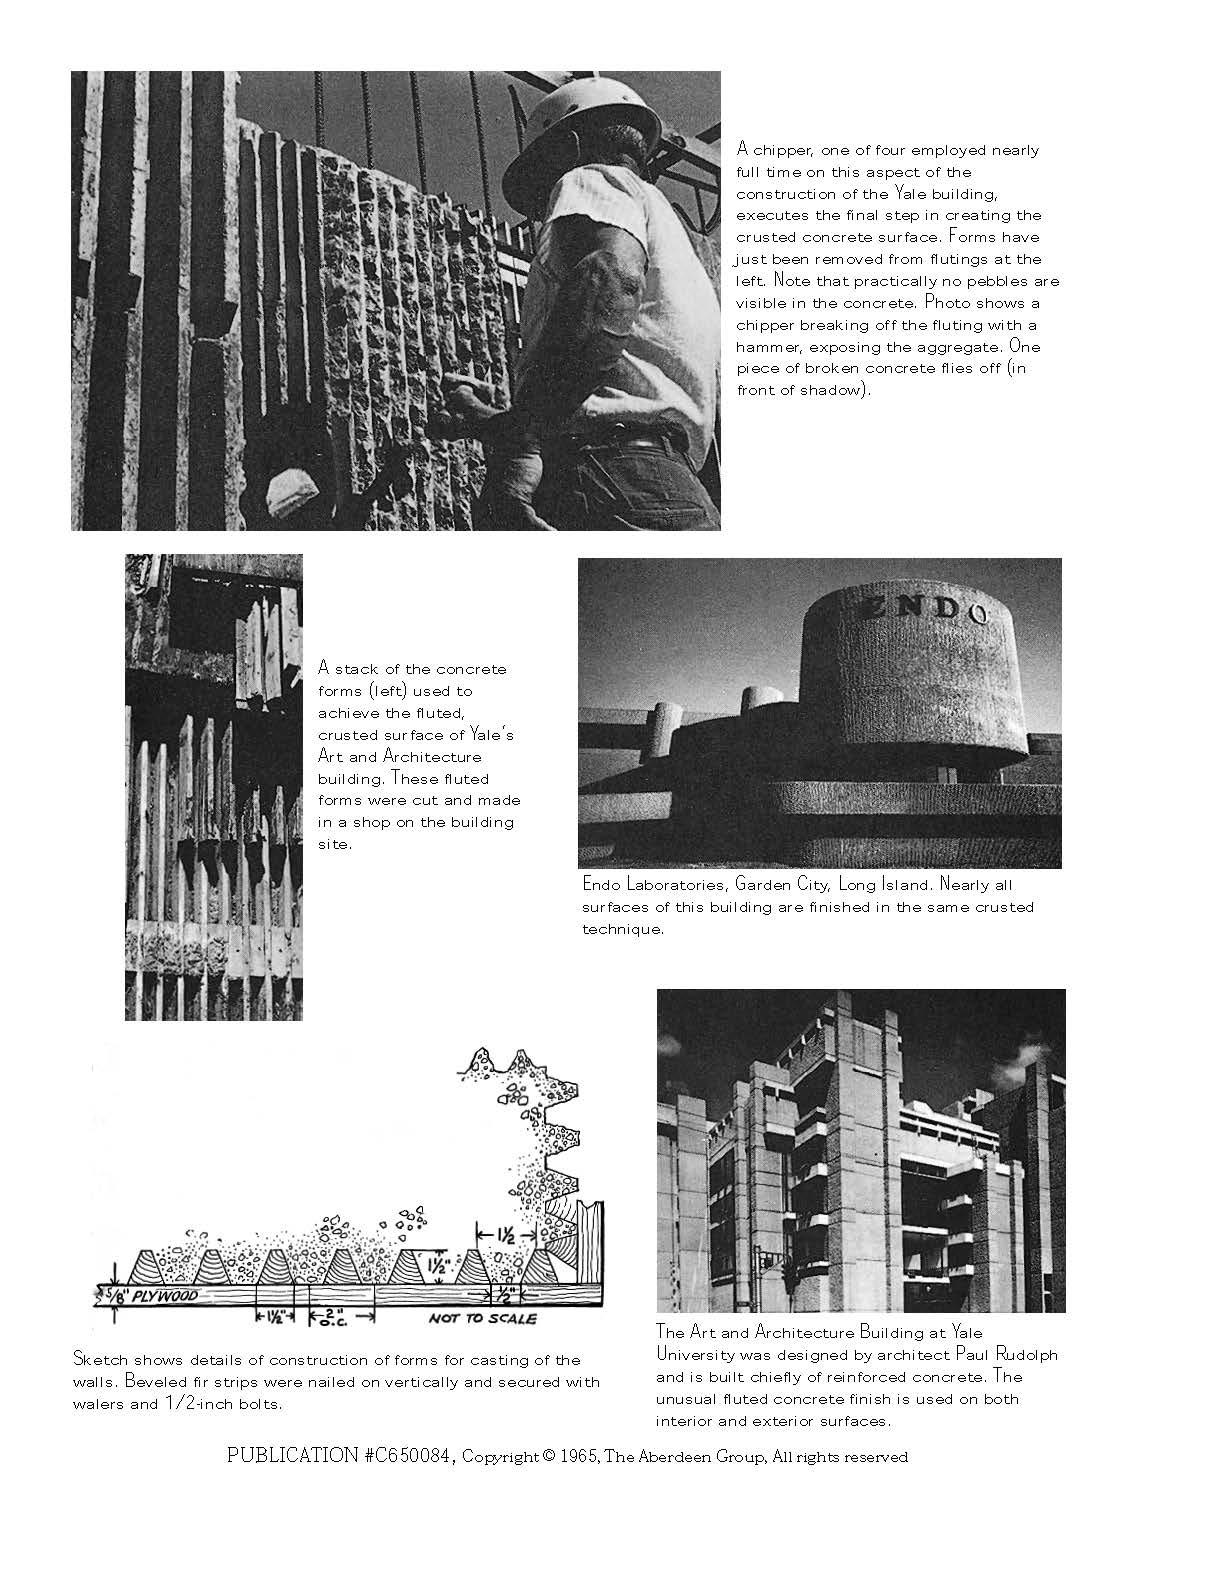 ( Paul Rudolph's Fluted Concrete Buildings.  Concrete Construction,  April 01, 1965.)